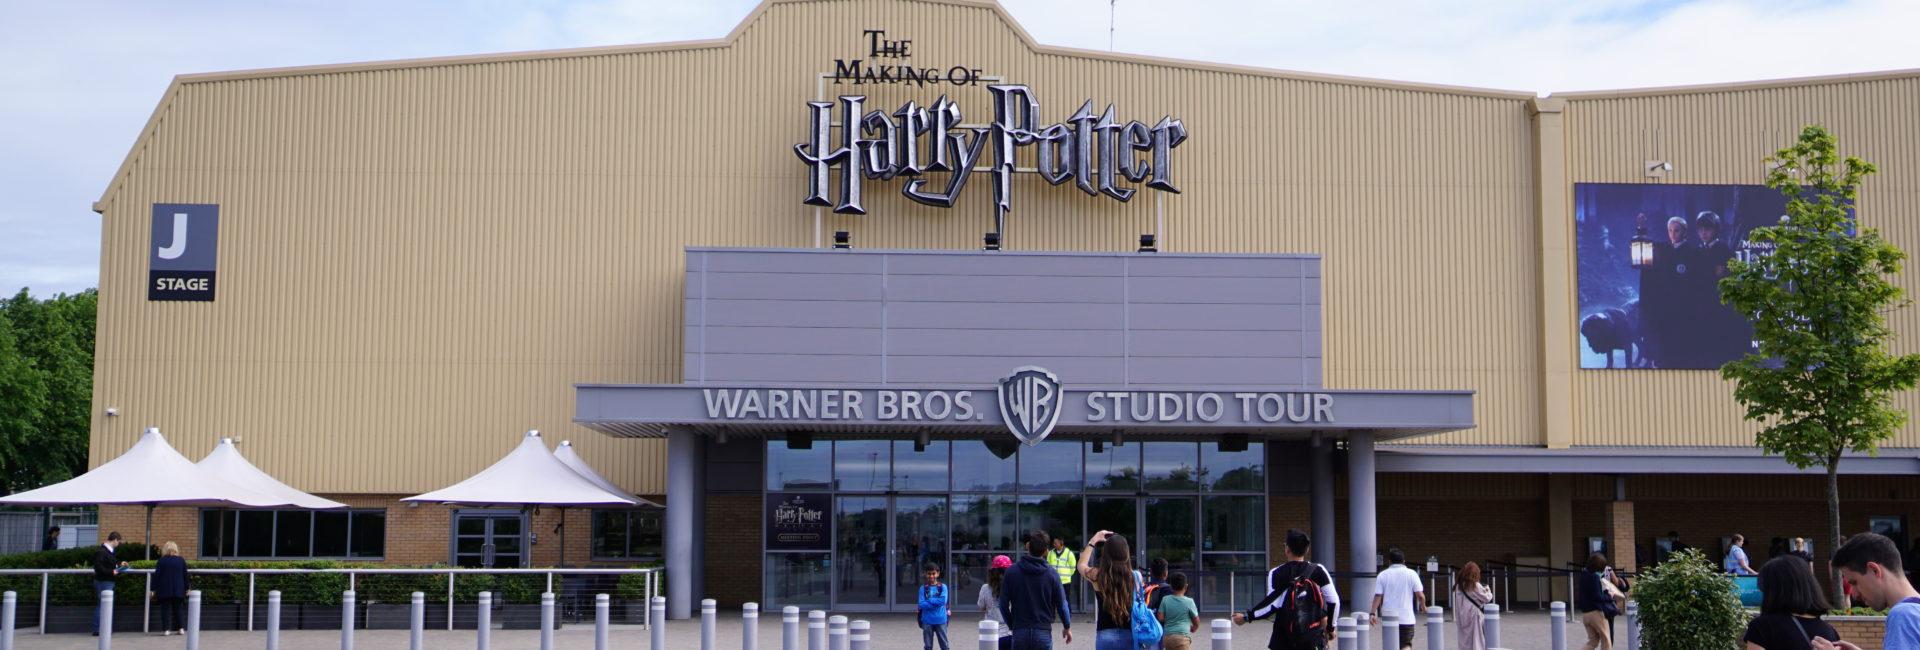 英國 倫敦景點 哈利波特影城 WB Studio Tour 片場參觀 交通攻略